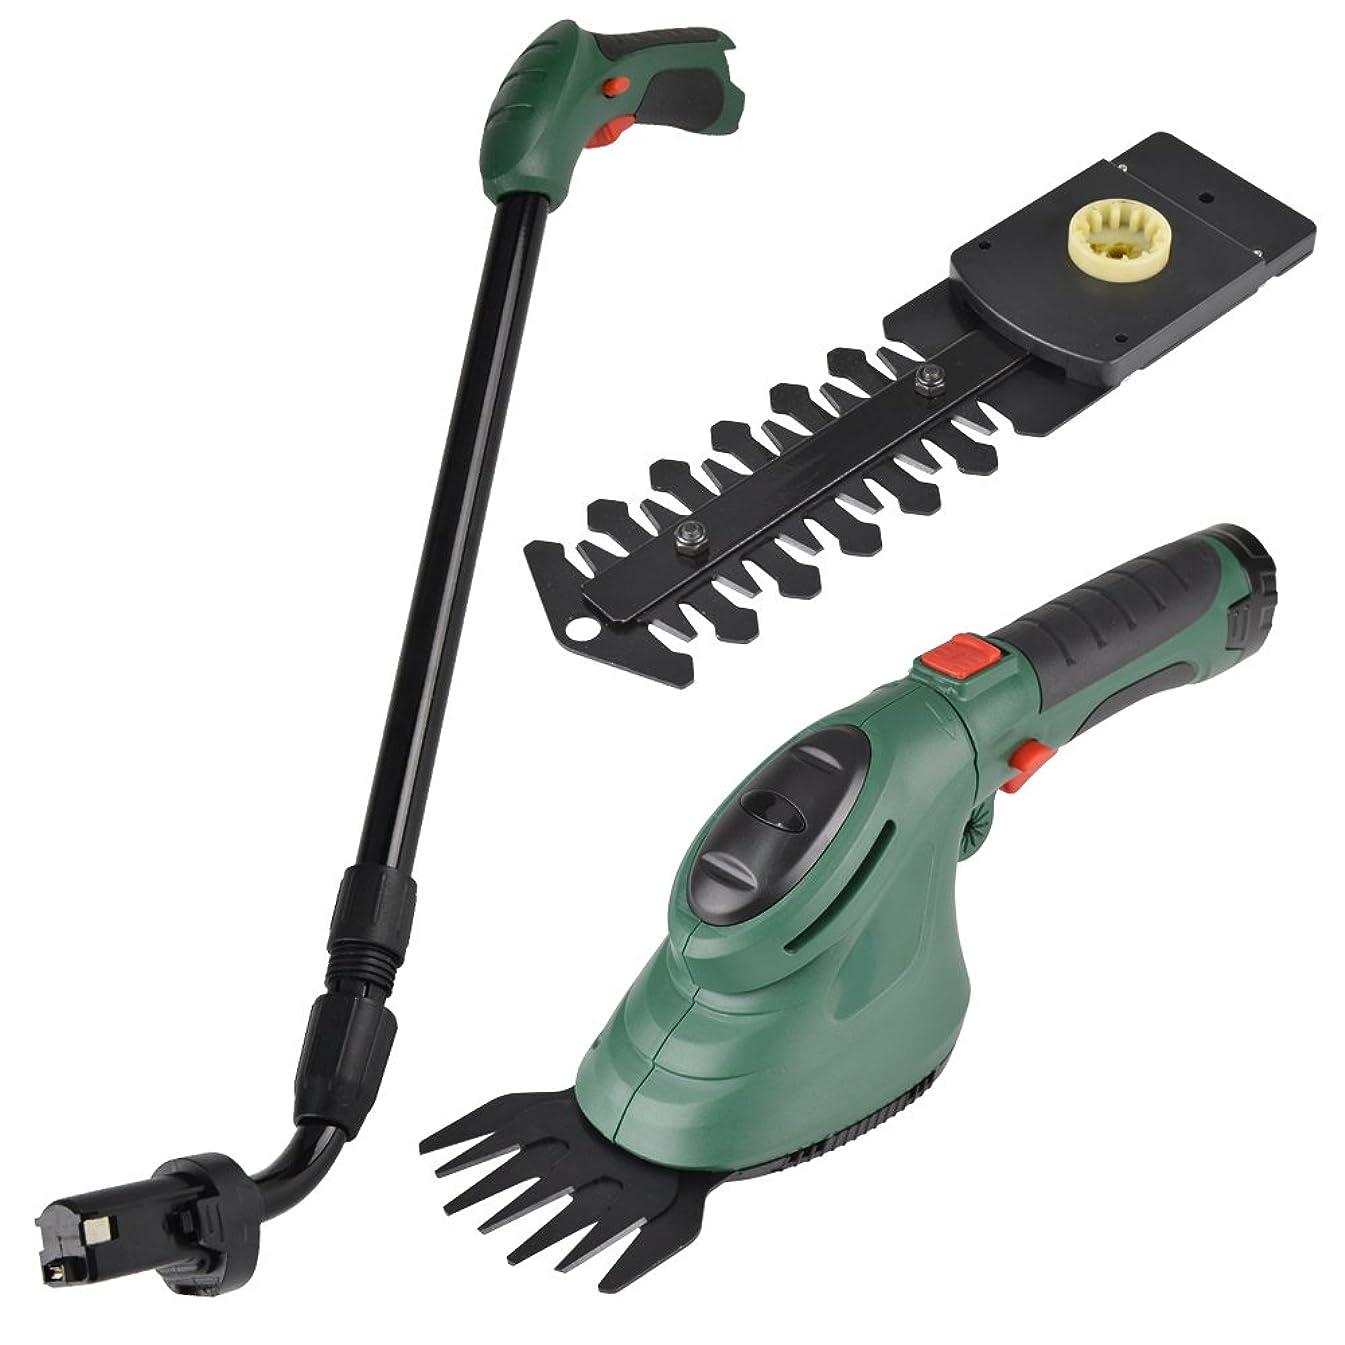 芝刈り機 芝刈機 3-WAYコードレス芝刈り機 1台 充電式 バリカン トリマー 電動 家庭用 小型 草刈機 植木